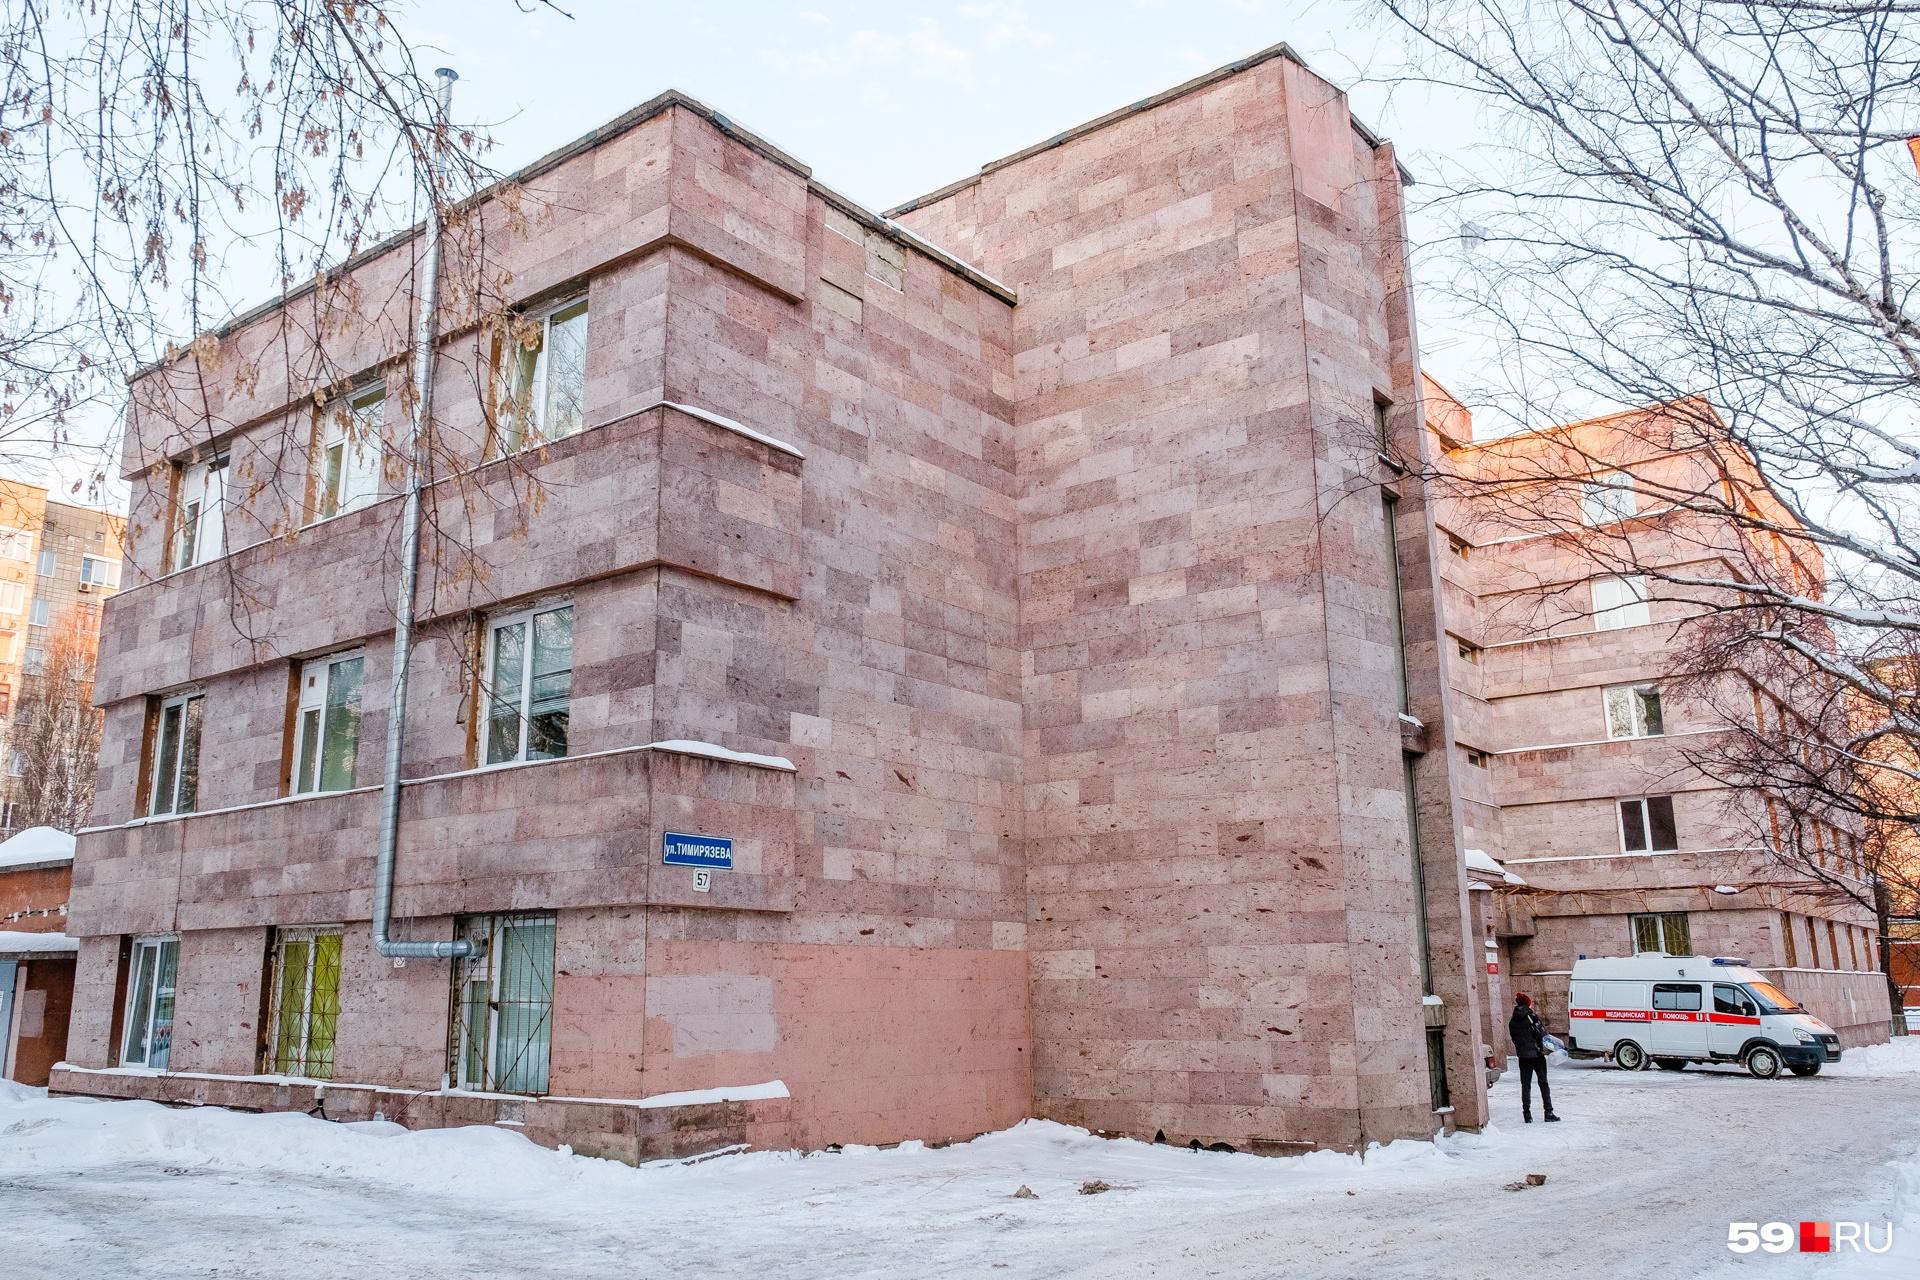 Один из филиалов больницы Пигучина построен в поздние советские годы, но постройка унаследовала принципы все того же конструктивистского стиля